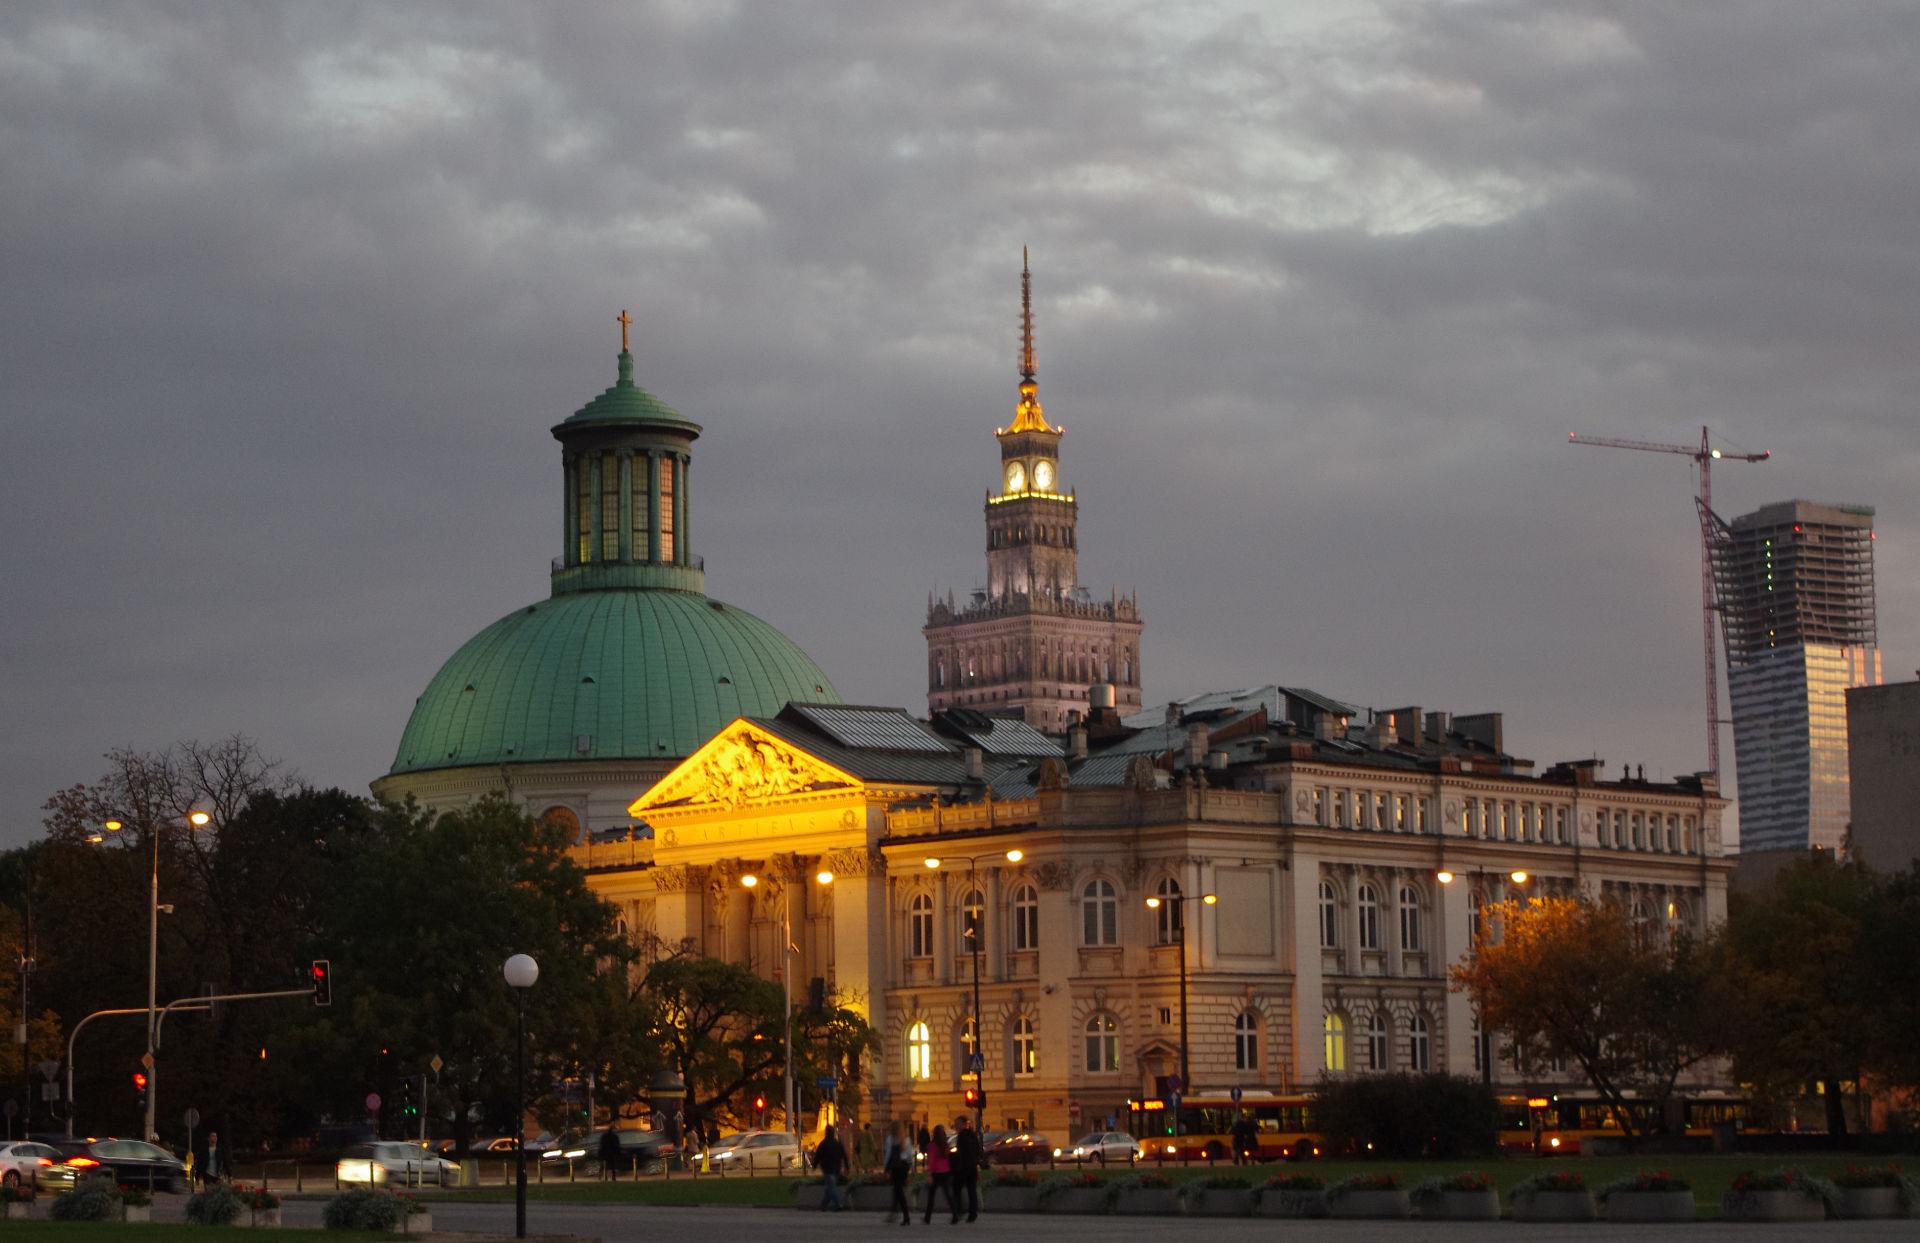 Zu sehen ist der Warschauer Józef-Piłsudski-Platz, Bild: Mateusz Opasiński